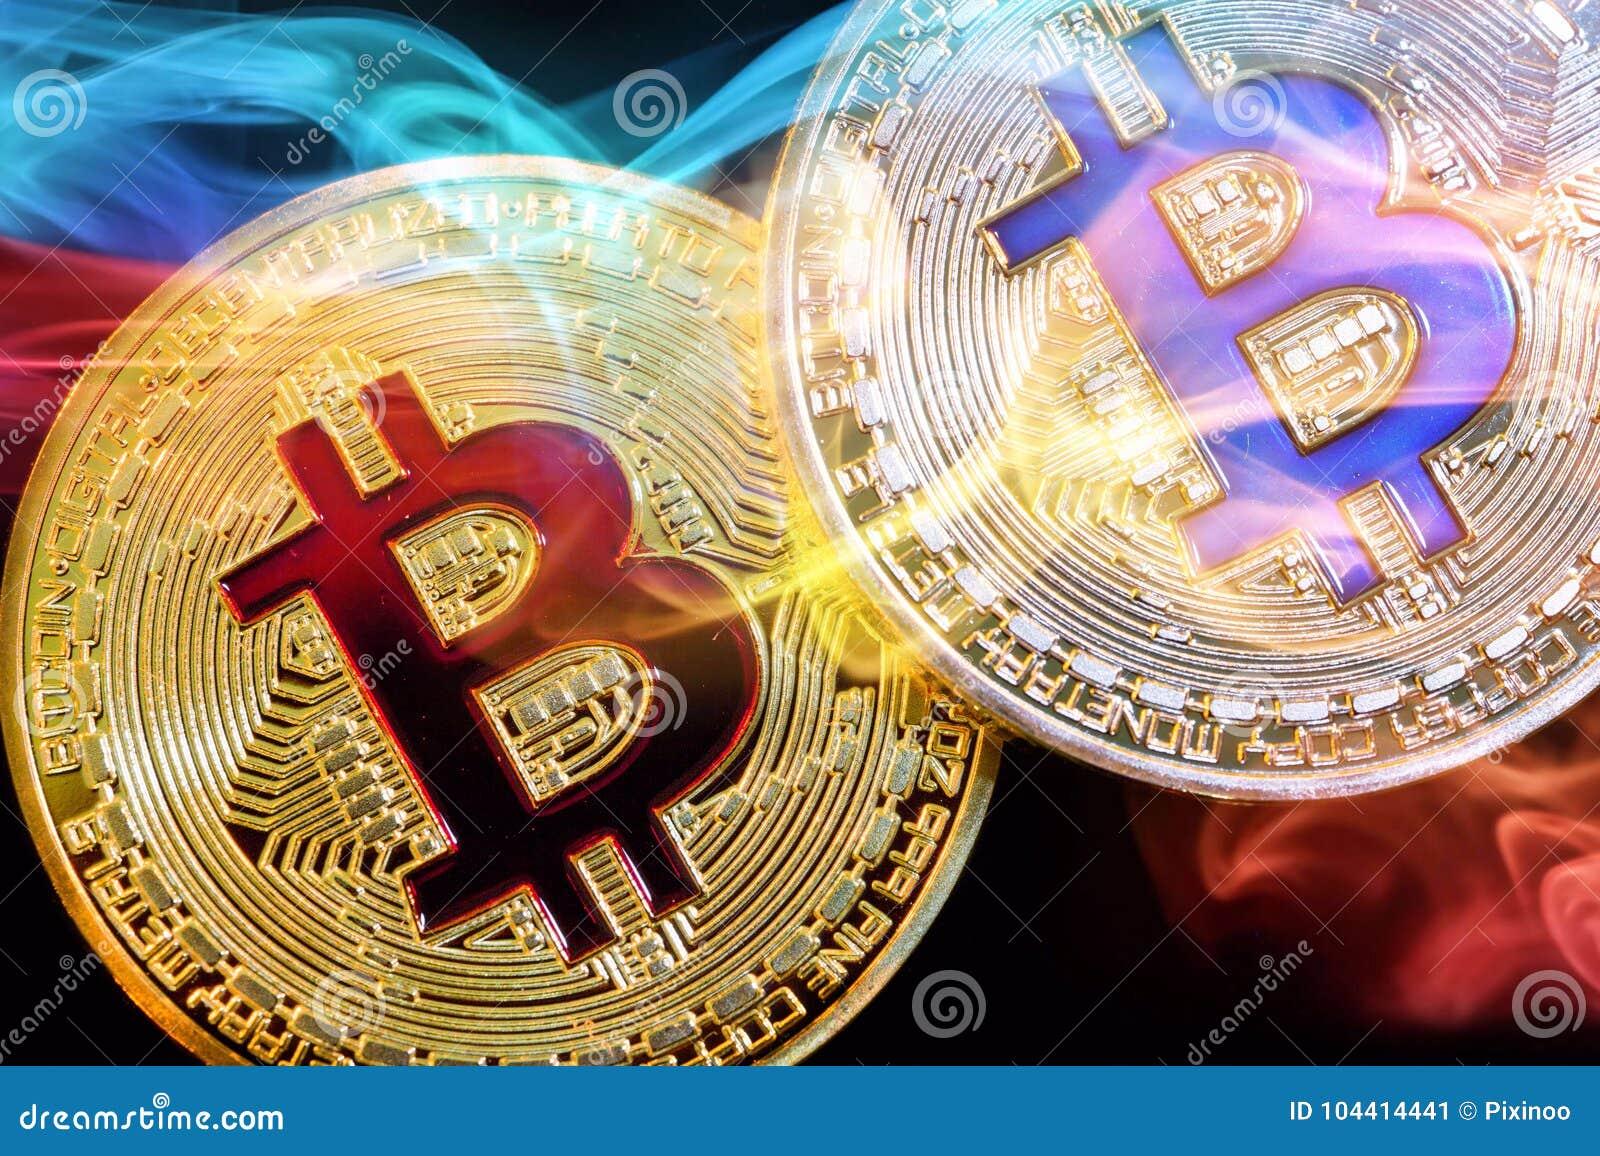 Körperliche Version neuen virtuellen Geldes Bitcoin mit buntem Rauche